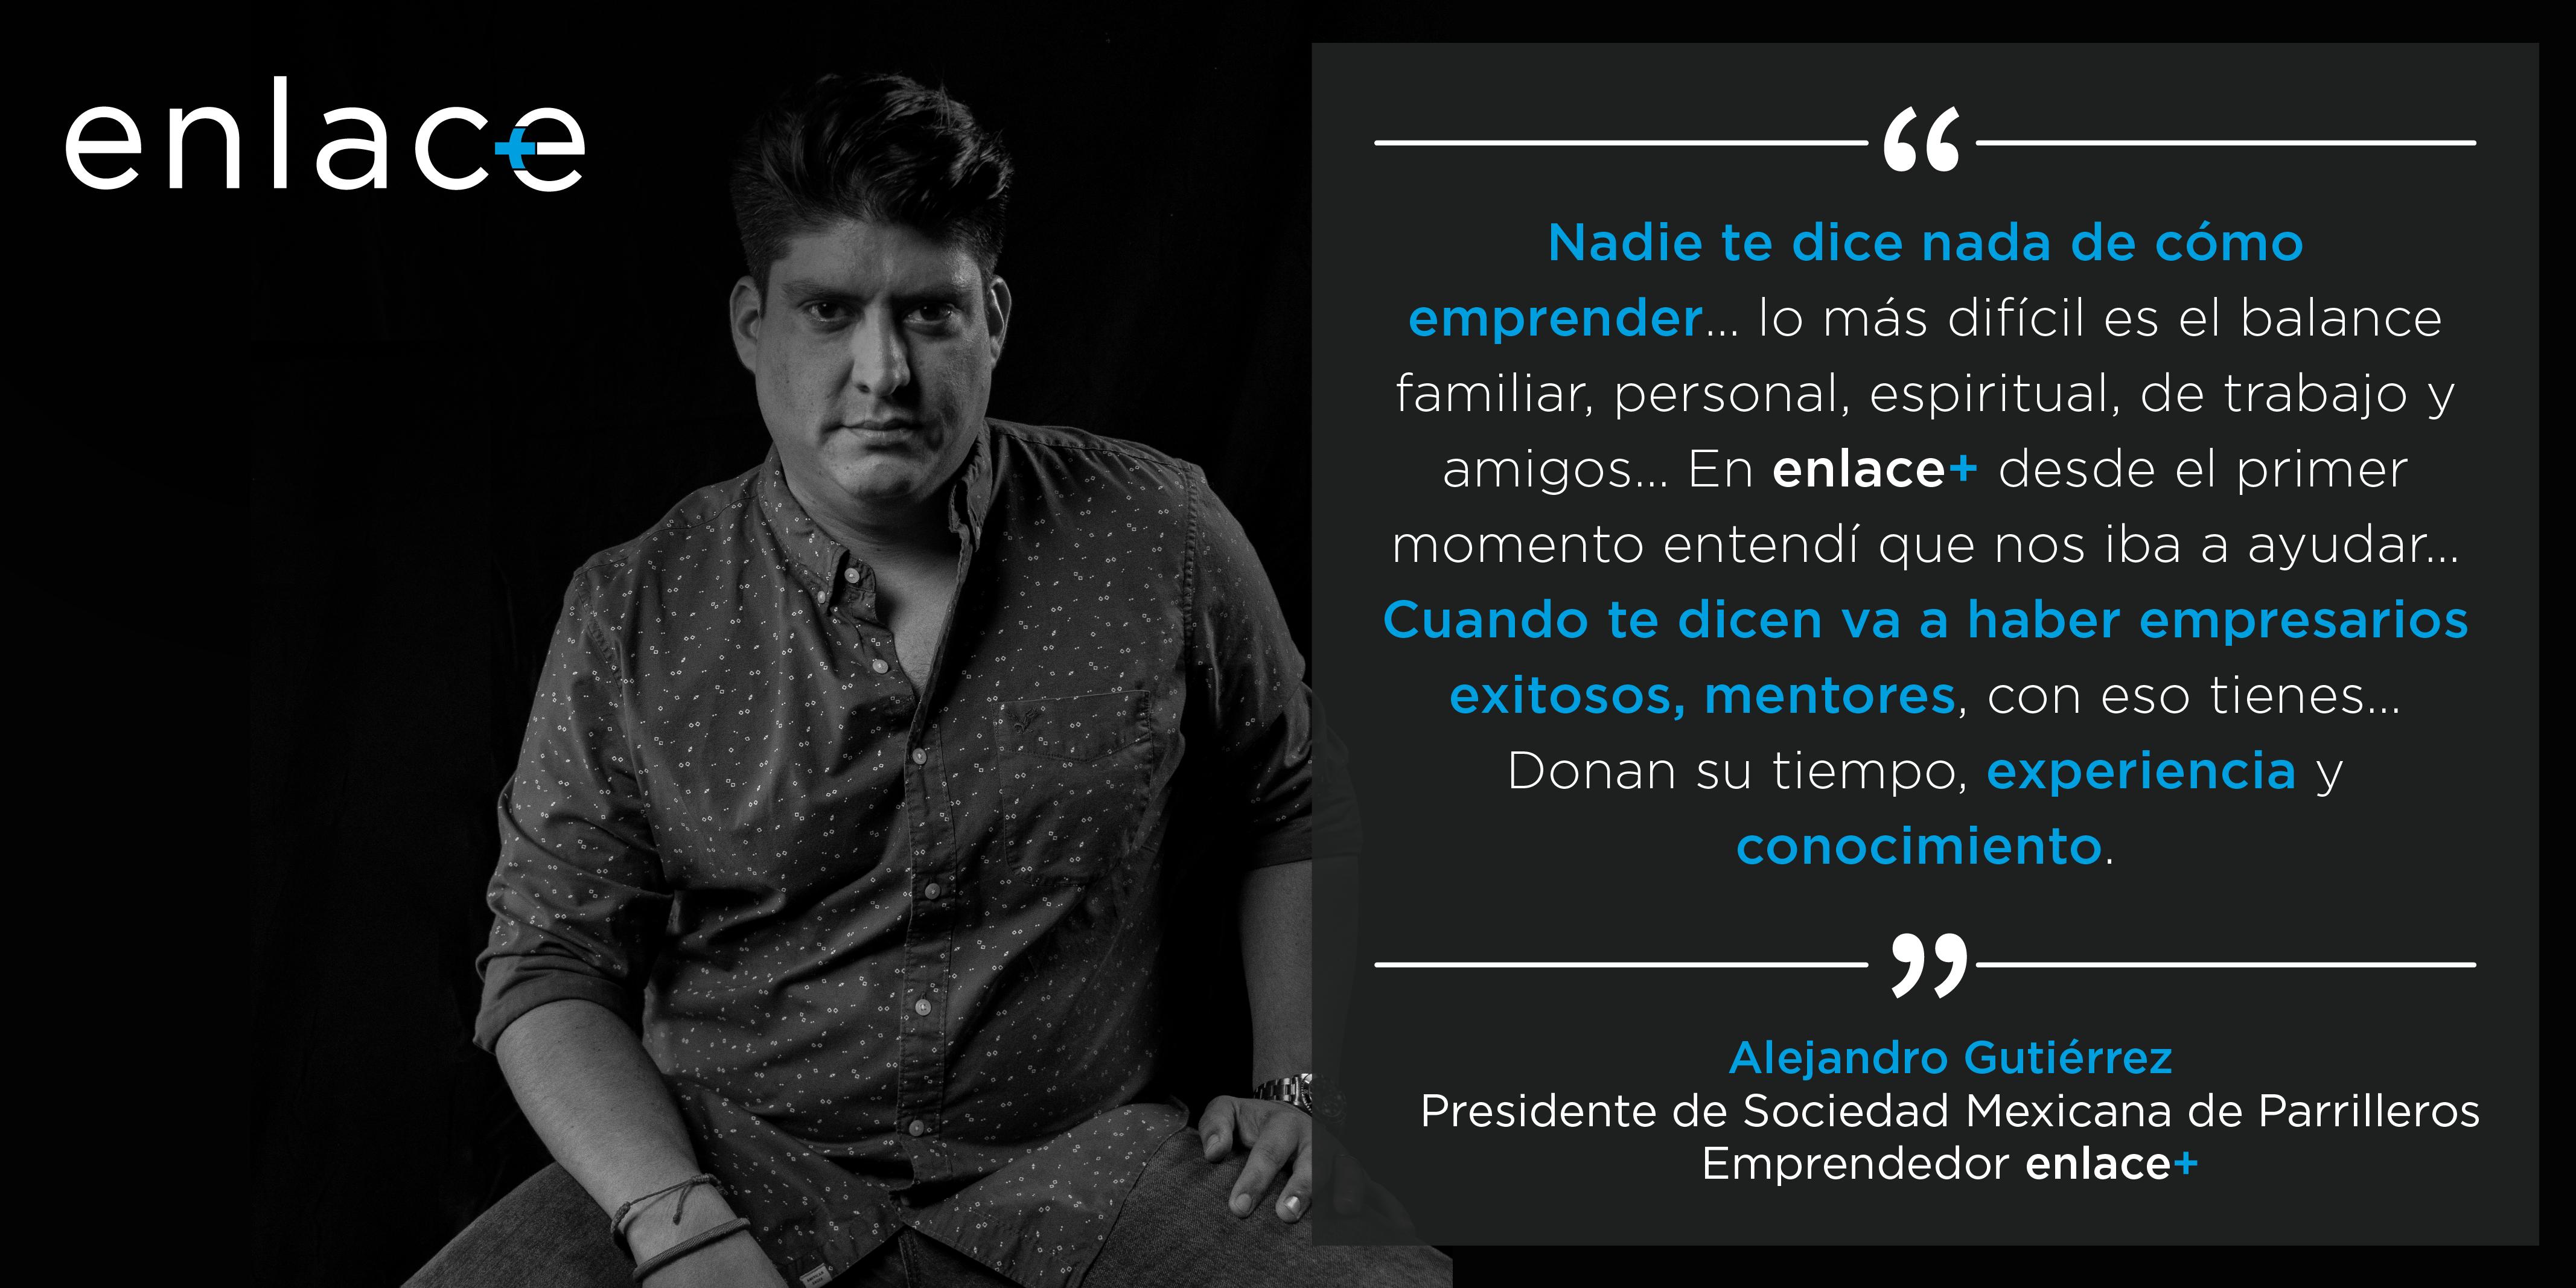 Alejandro Twitter